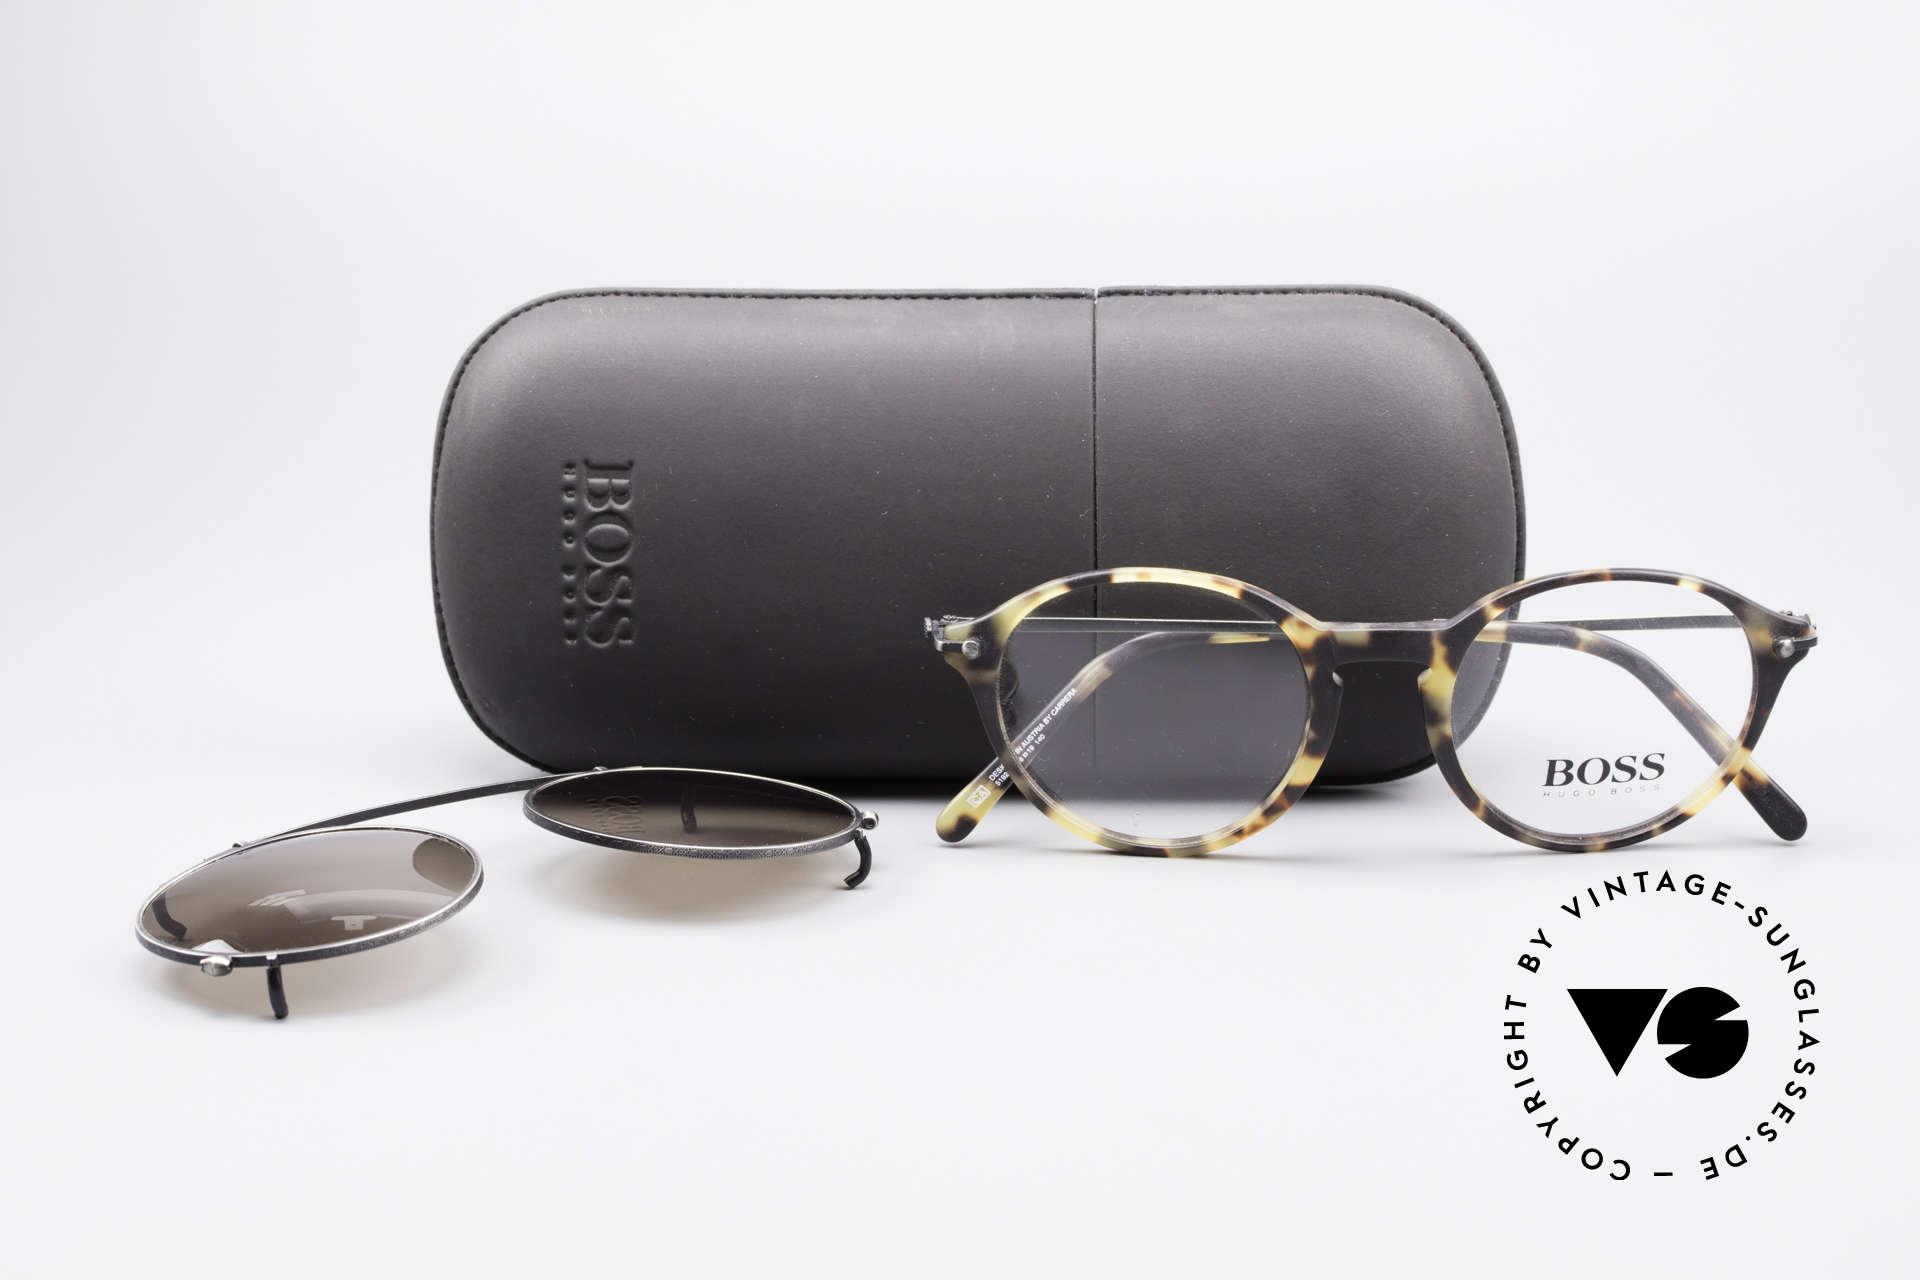 BOSS 5192 Sonnenclip Panto Brille 90er, KEINE retro Sonnenbrille; ein echter DesignKlassiker, Passend für Herren